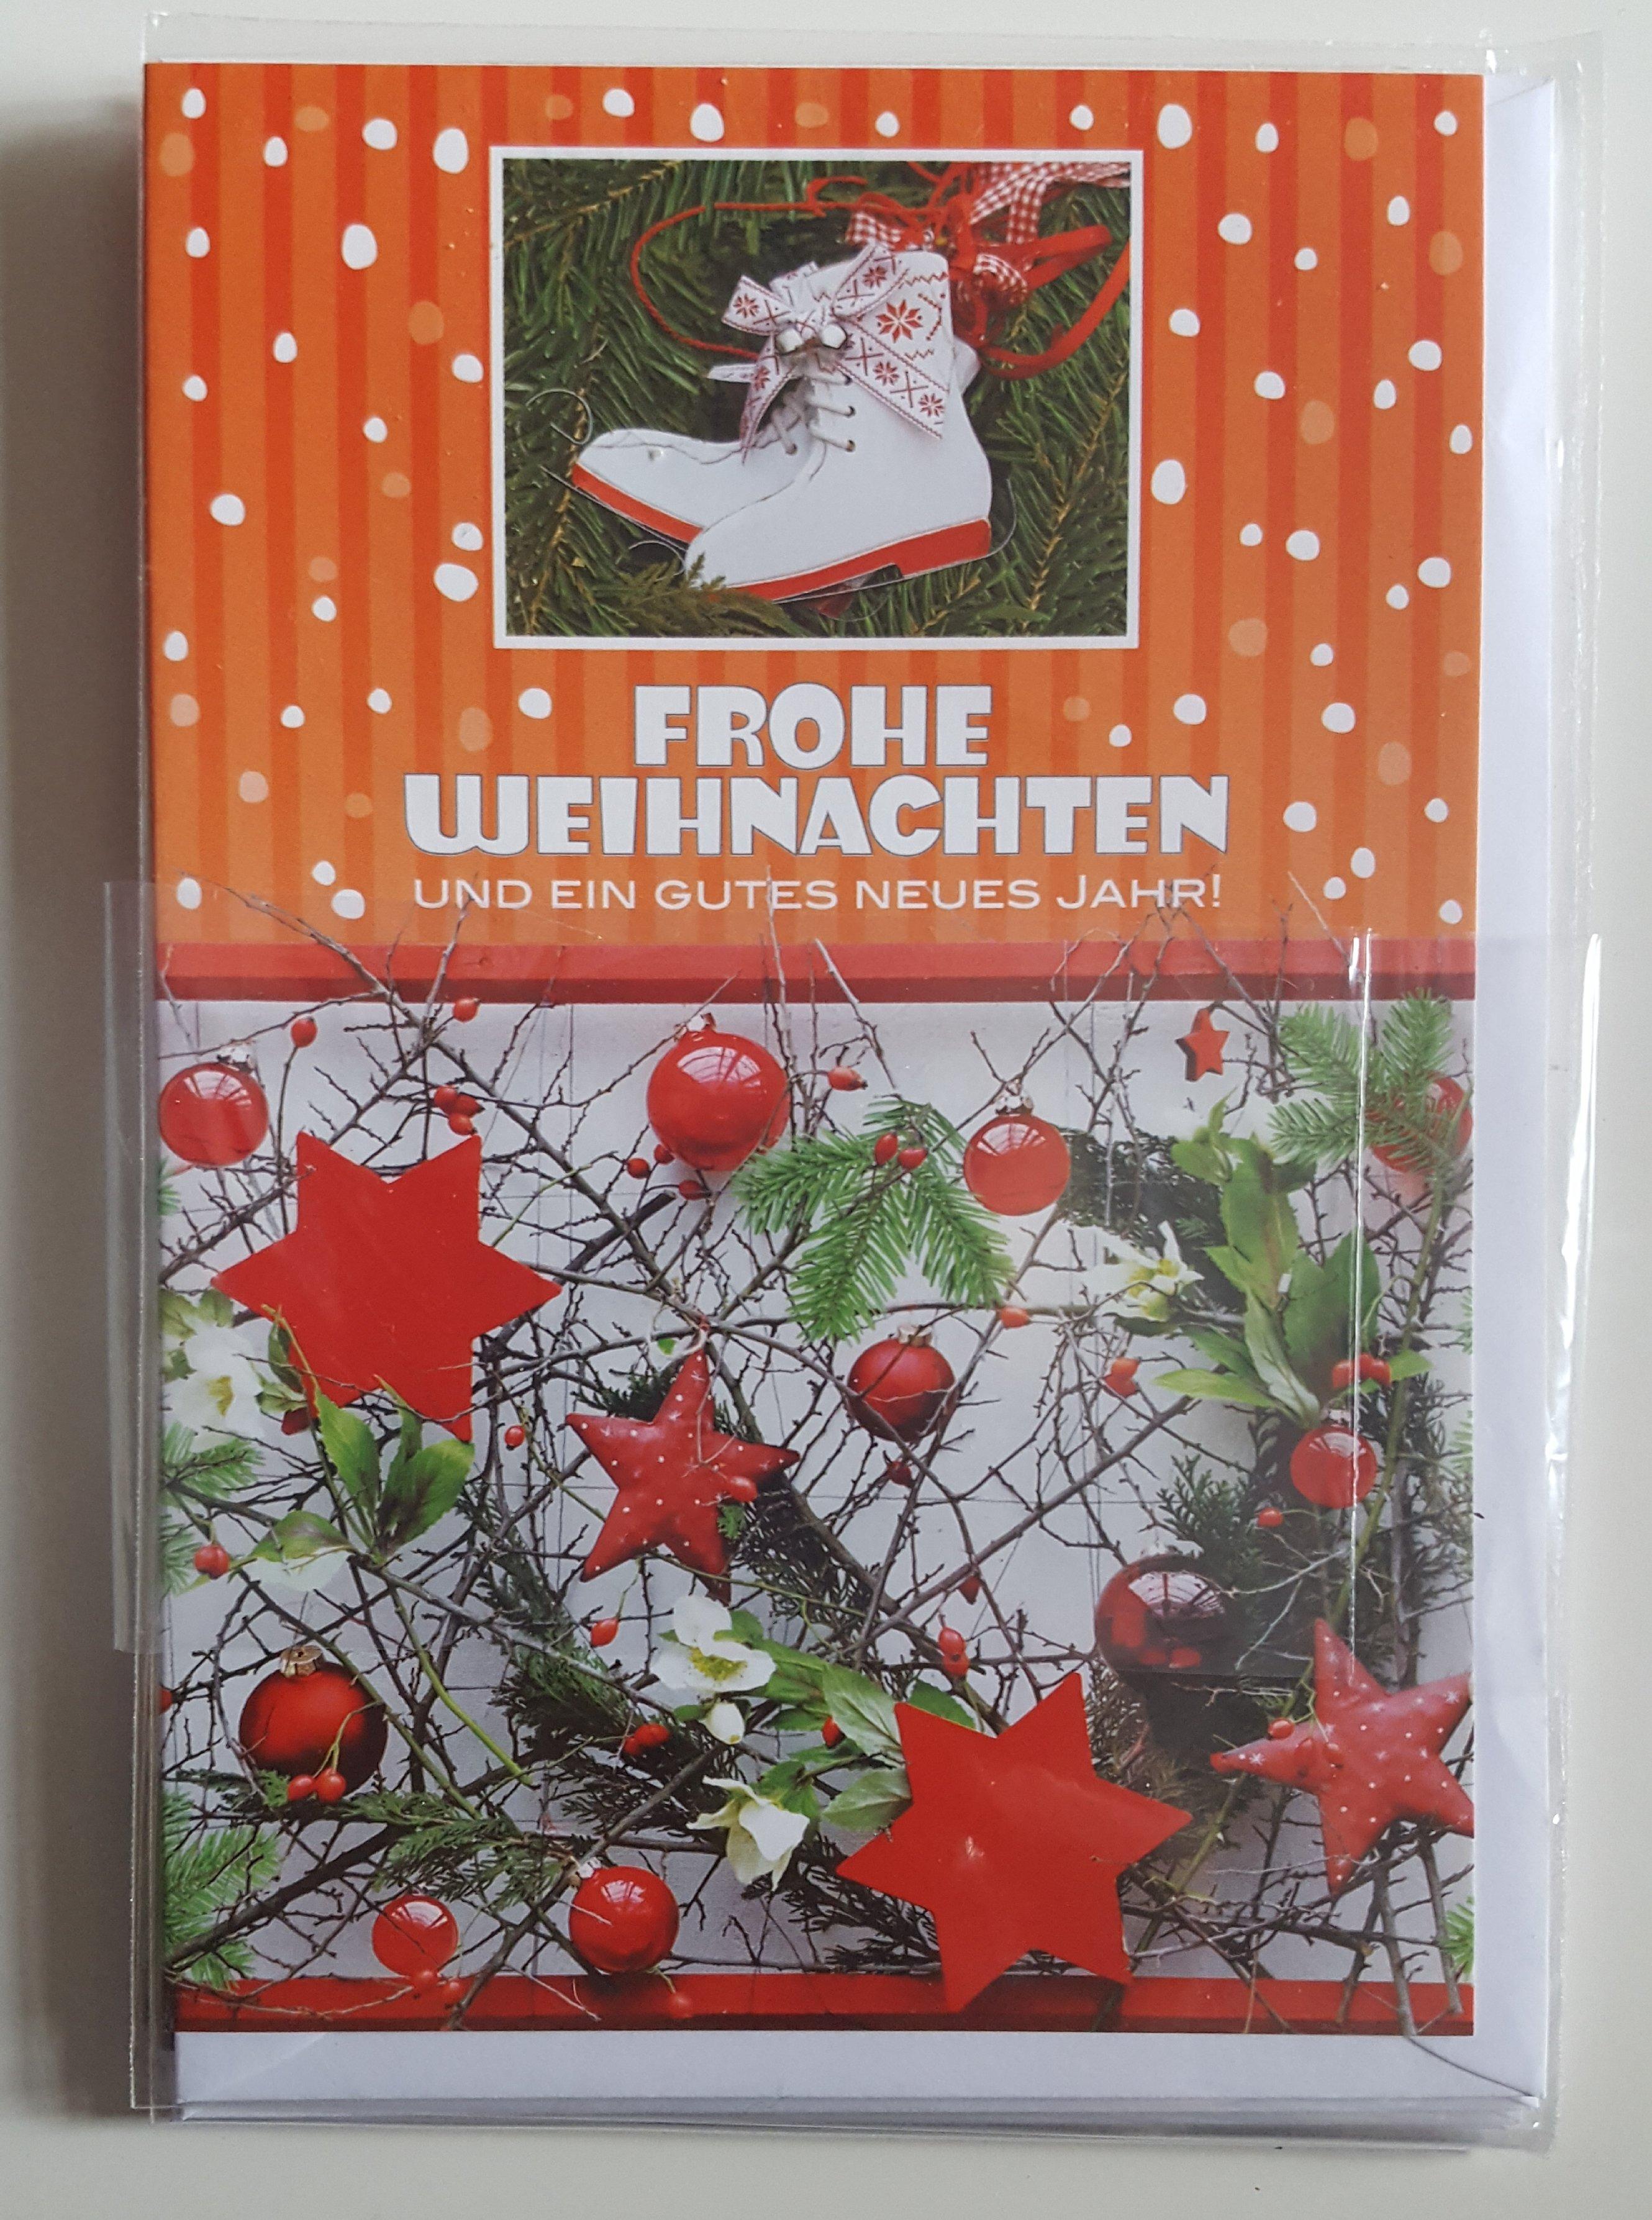 Weihnachts Grußkarte mit Umschlag Taunus Verlag 400